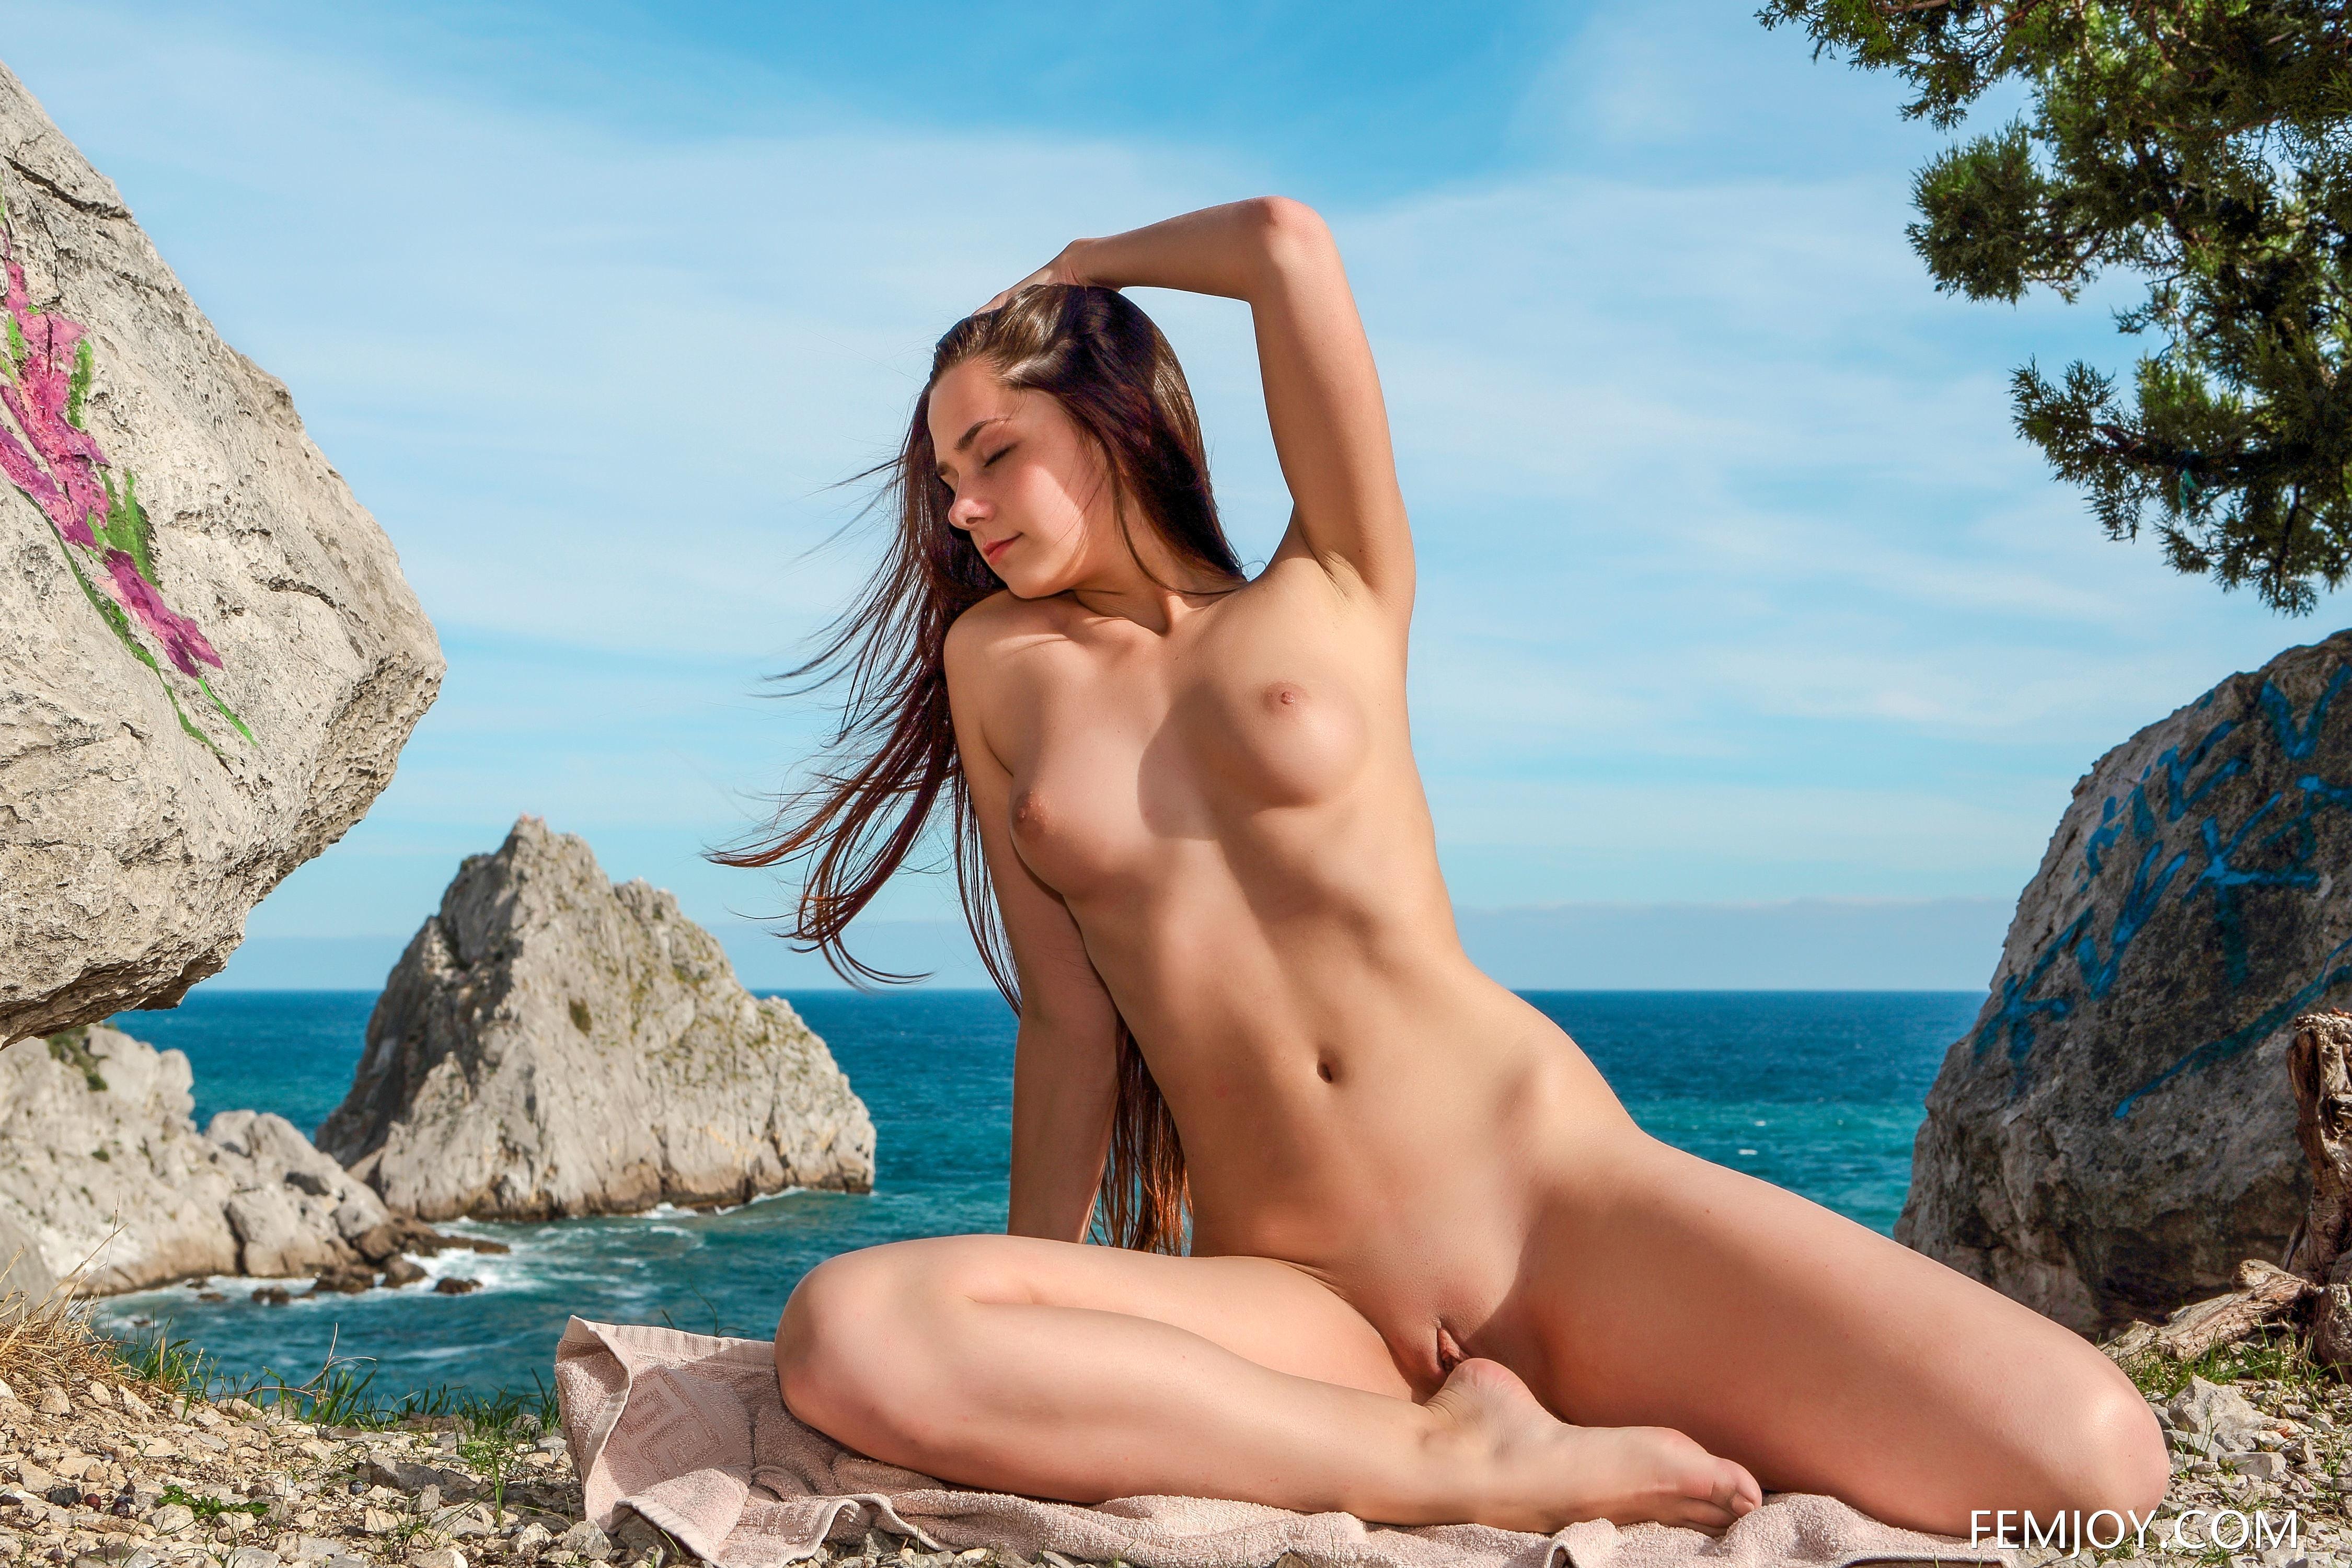 Фото Обнаженная девушка позирует на форе голубого моря возле скал, сексуальное тело молодой брюнетки, скачать картинку бесплатно